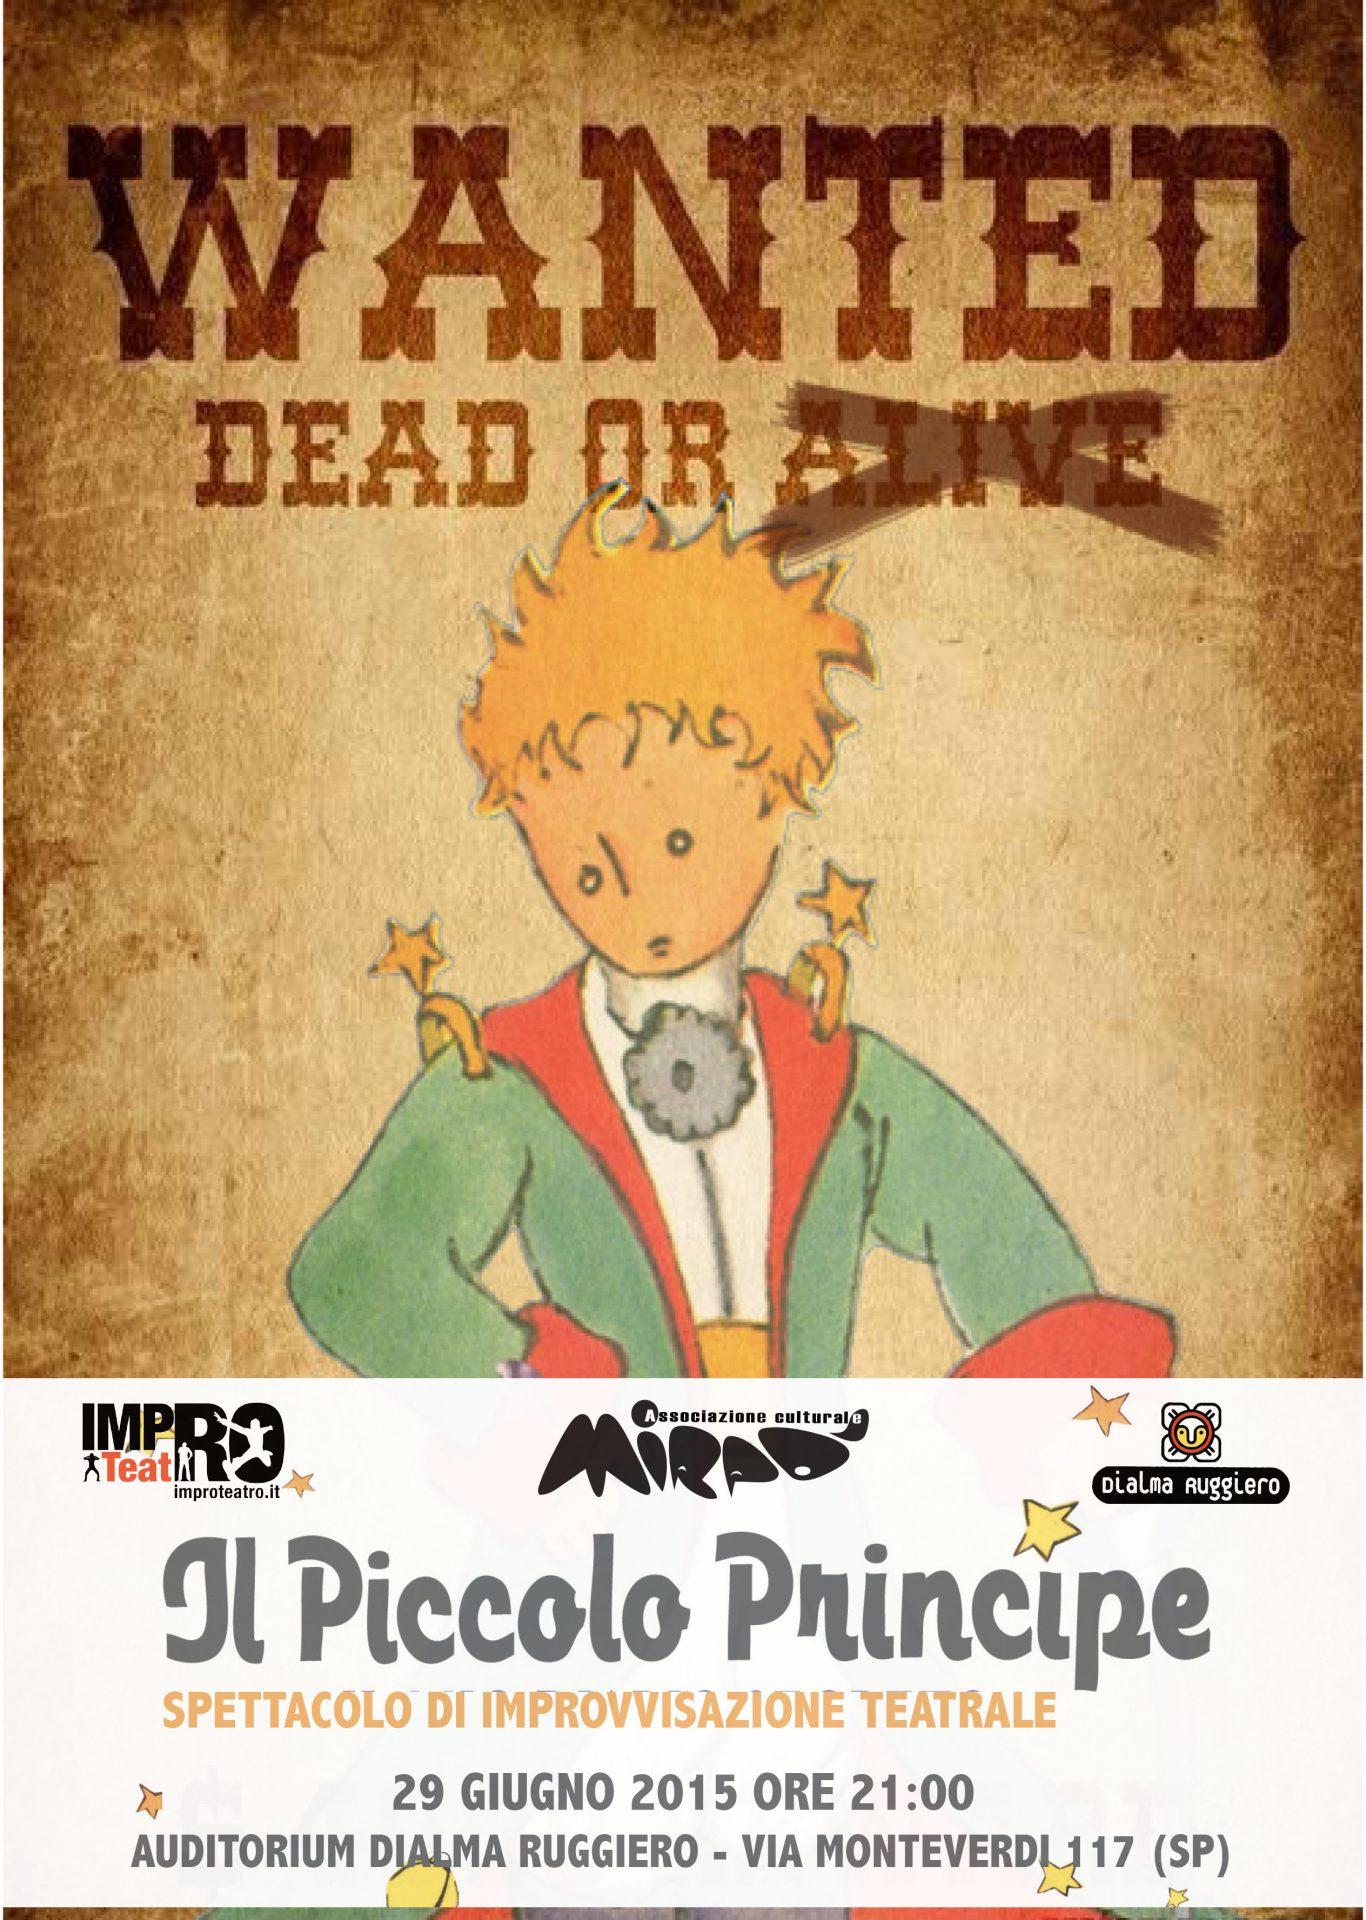 PiccoloPrincipe